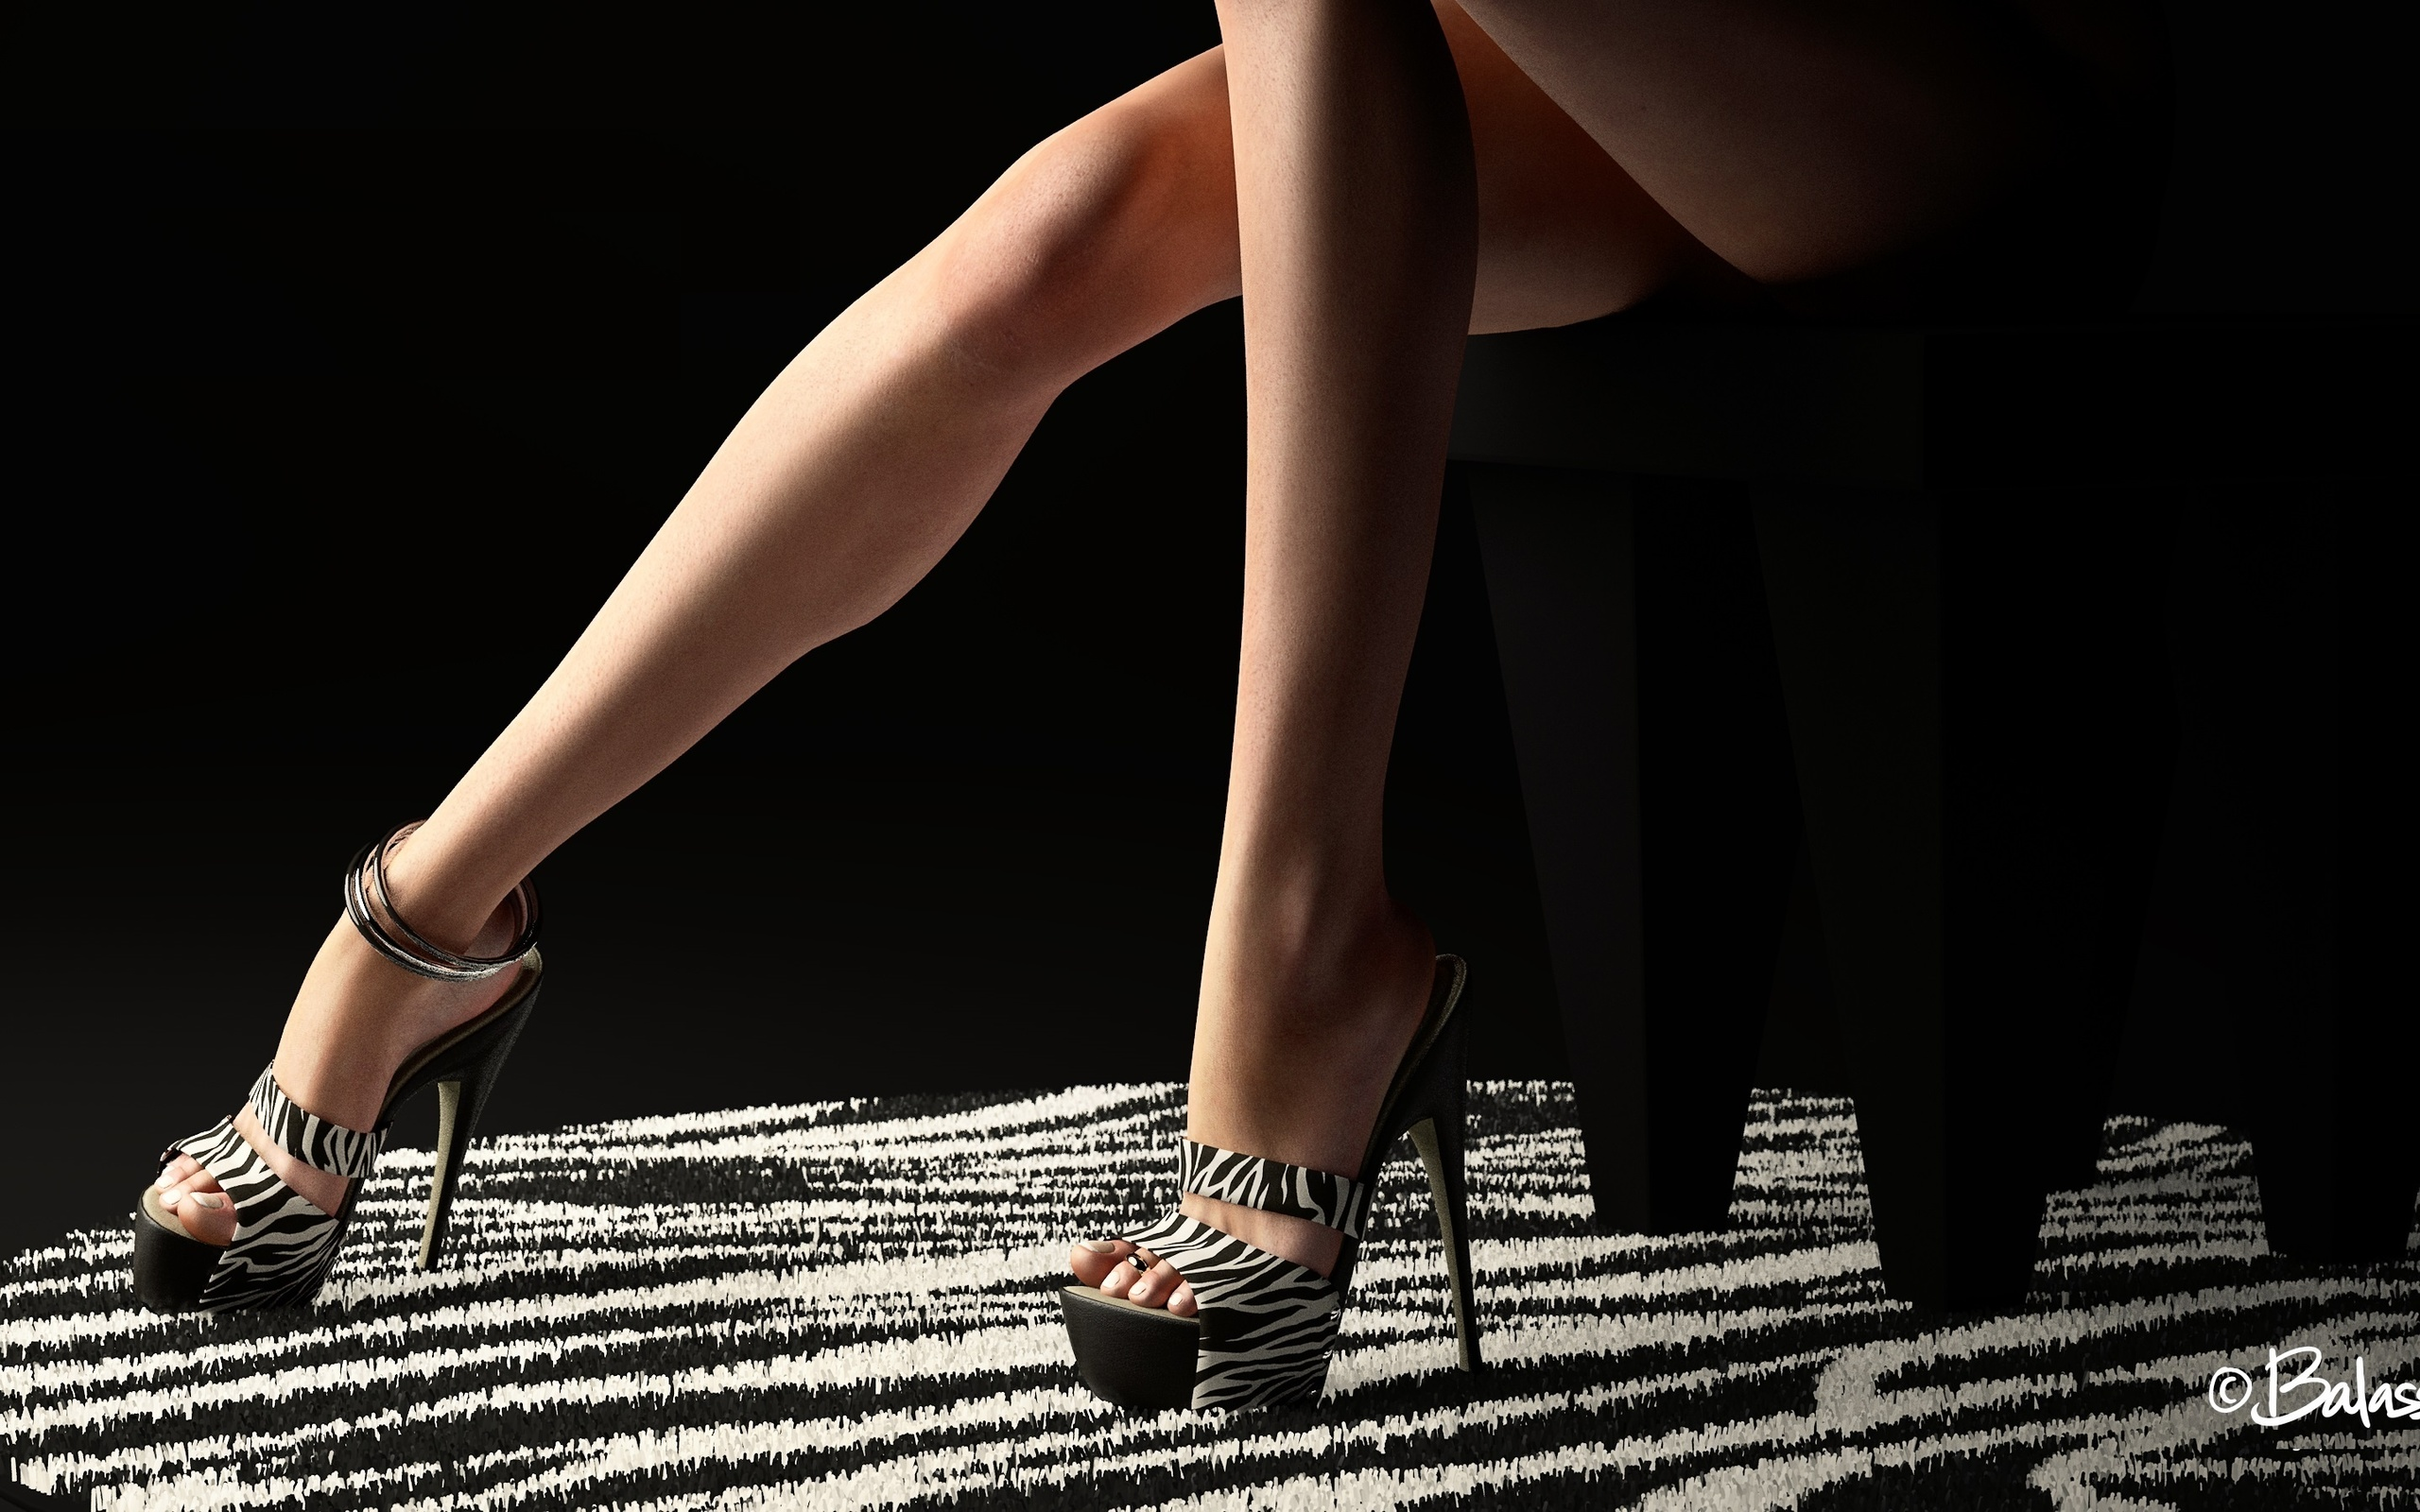 просто шикарные женские ножки фото обои